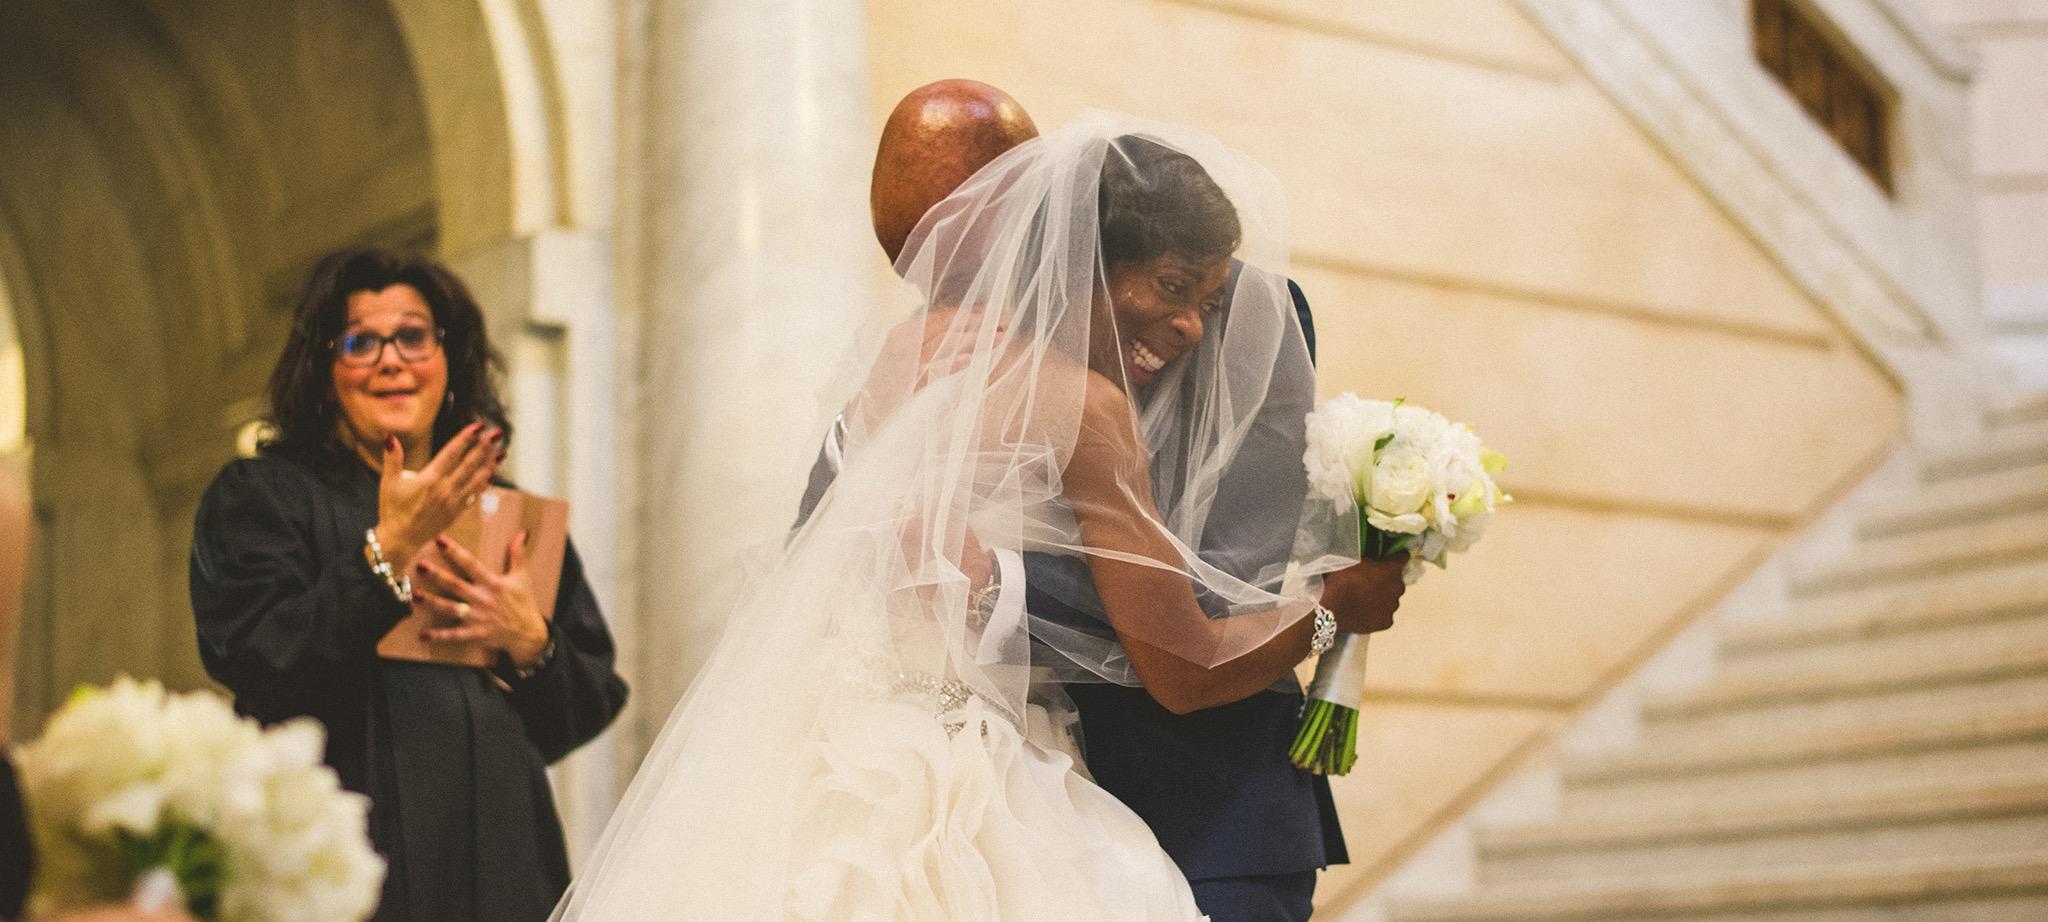 43-bride-groom-crying.jpg